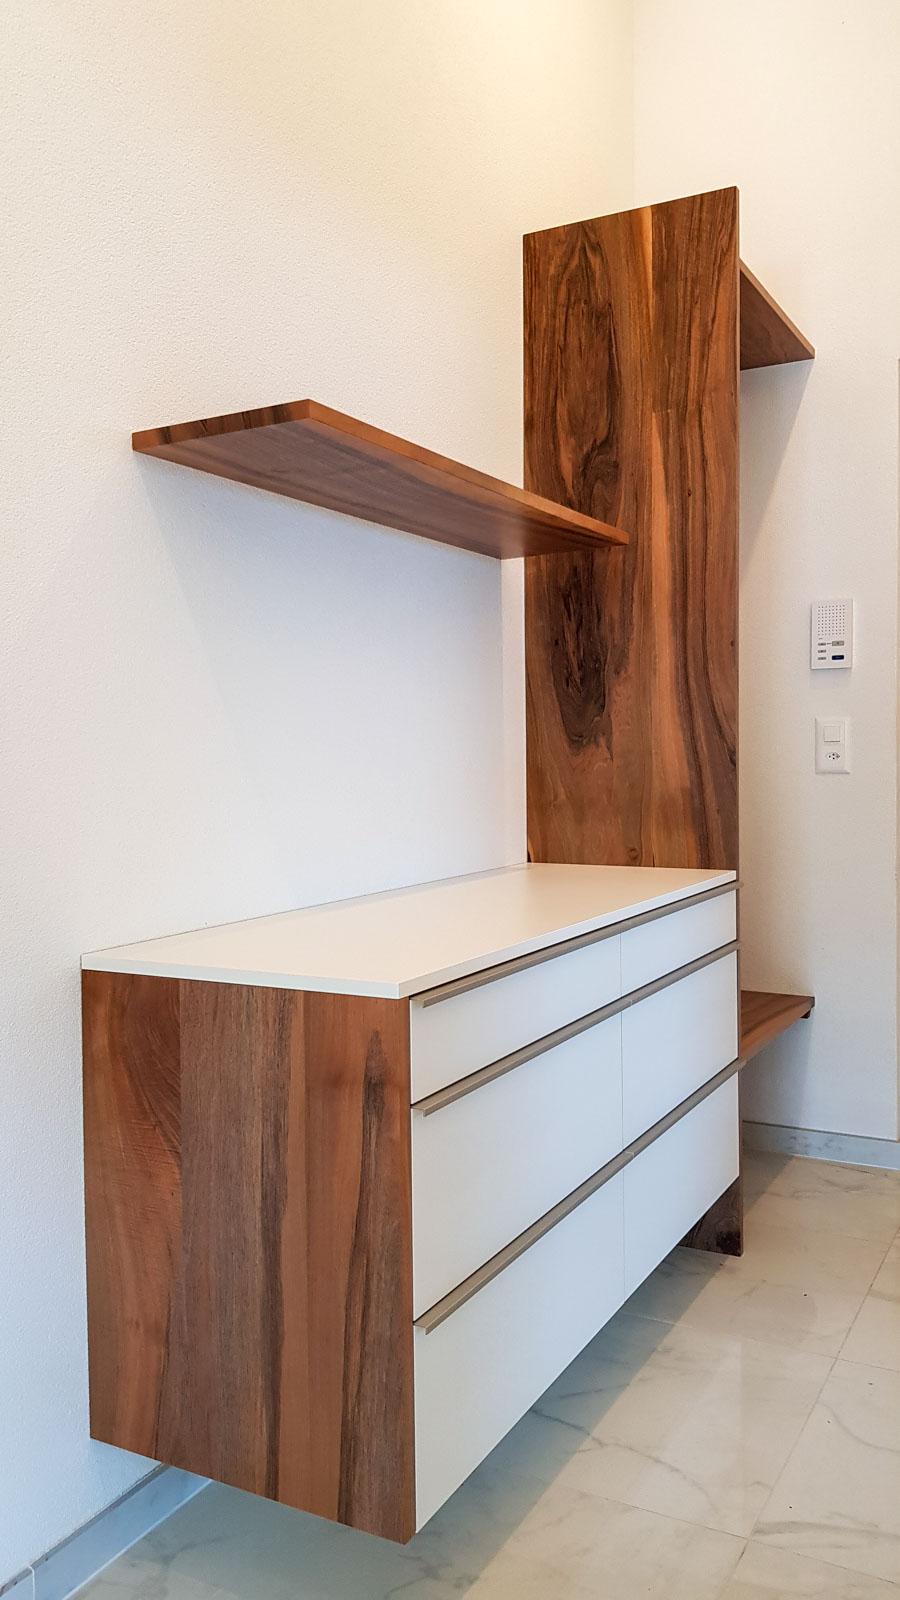 Wooddesign_Garderobe_Gästegarderobe_Sitzbank_Schuablage (1)